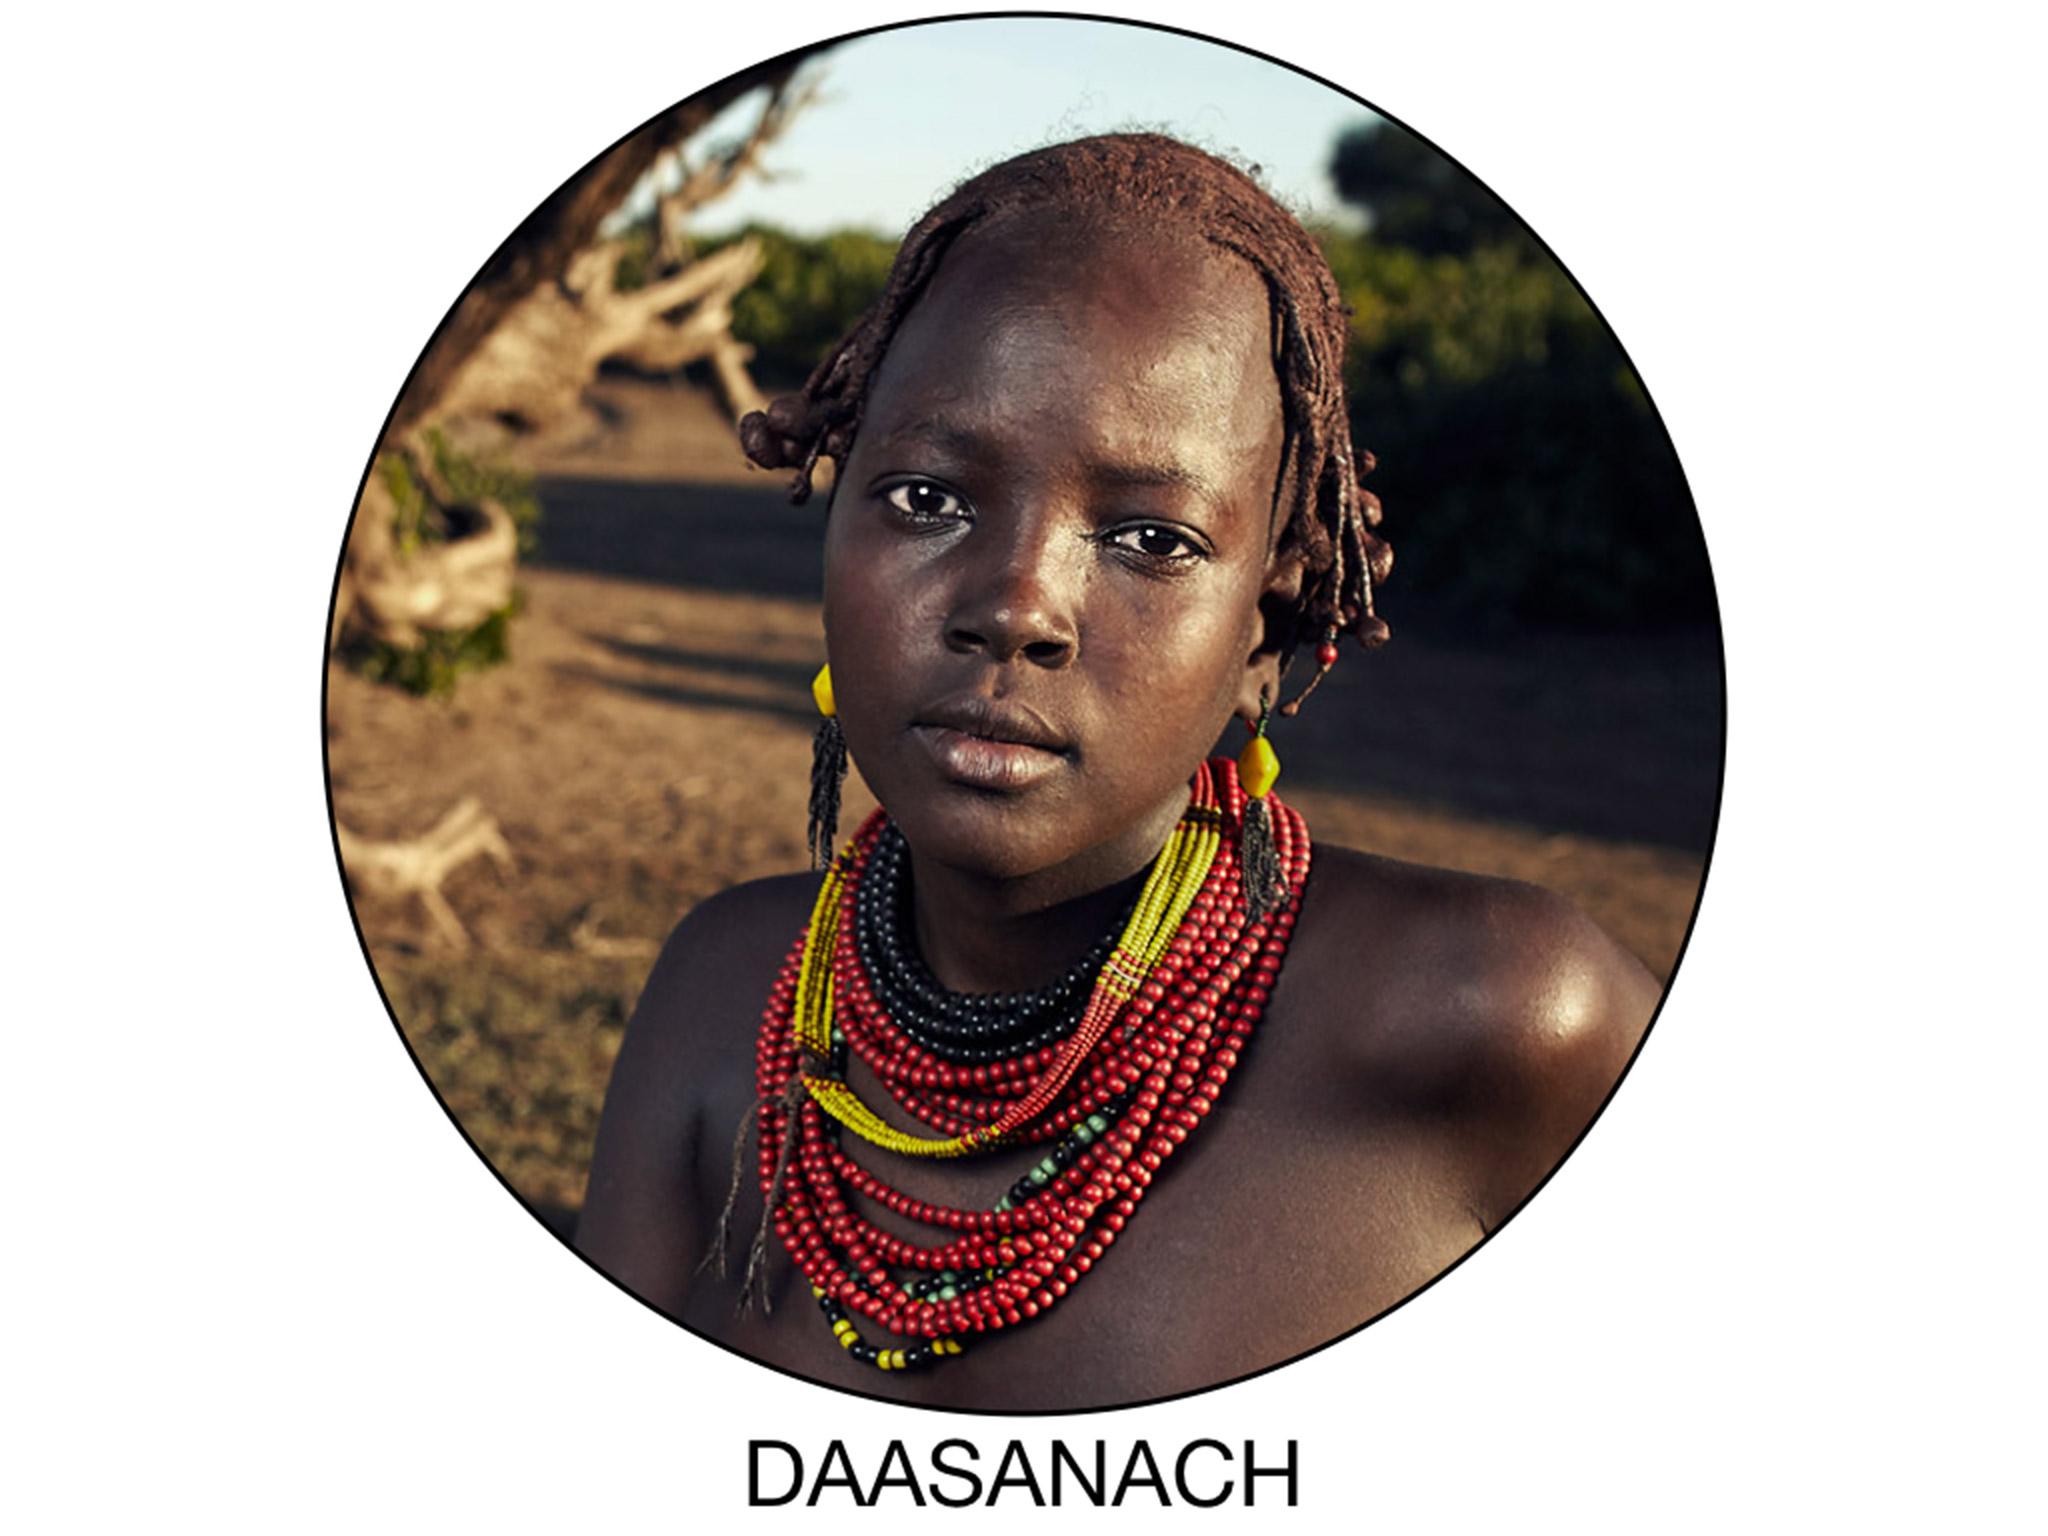 Daasanach-girl-headshot.jpg